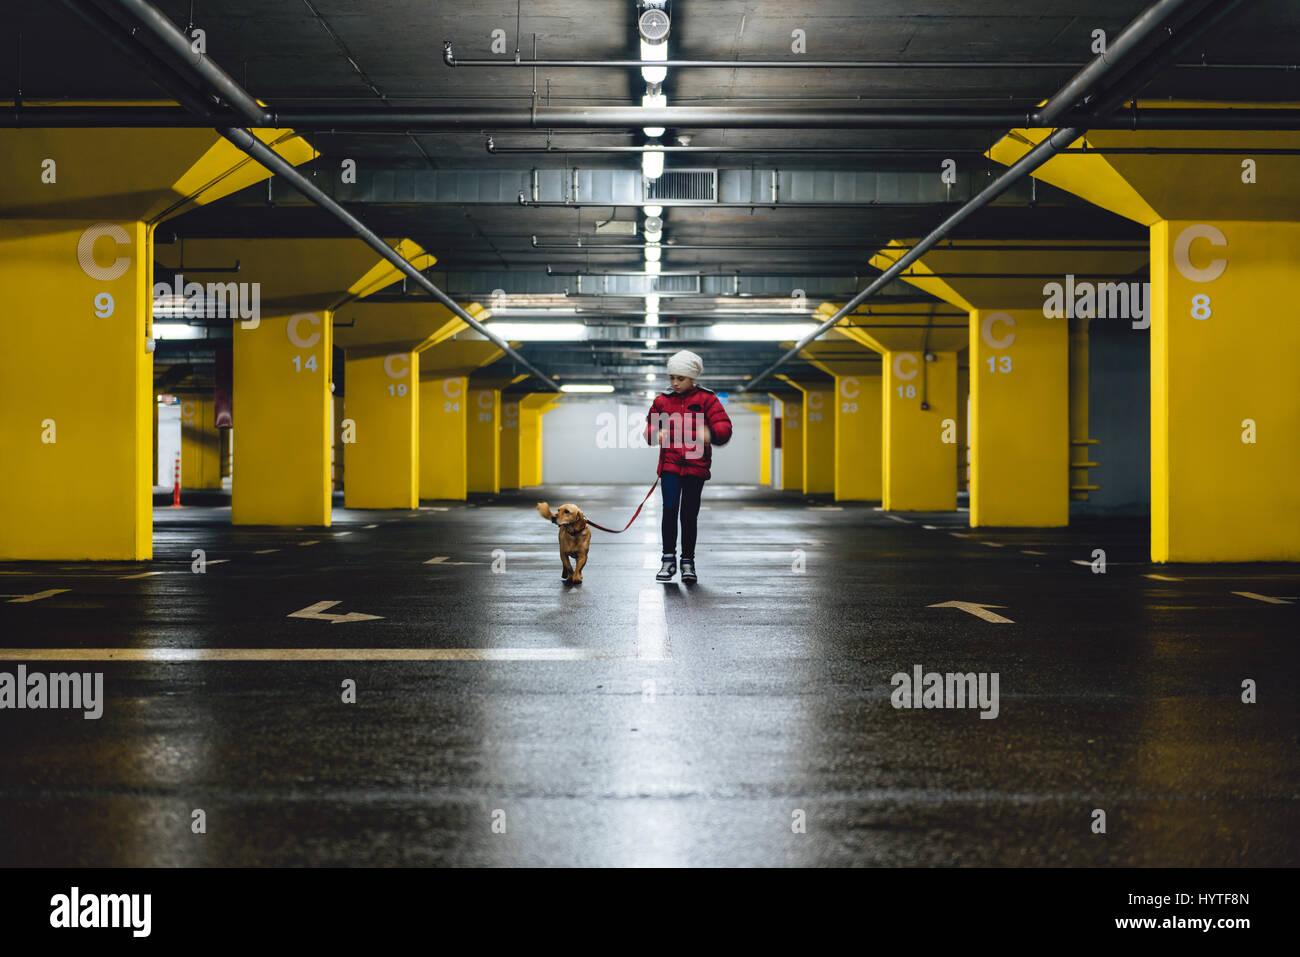 Vestida de chaqueta roja y sombrero blanco caminando en el garaje público con un pequeño perro amarillo Imagen De Stock